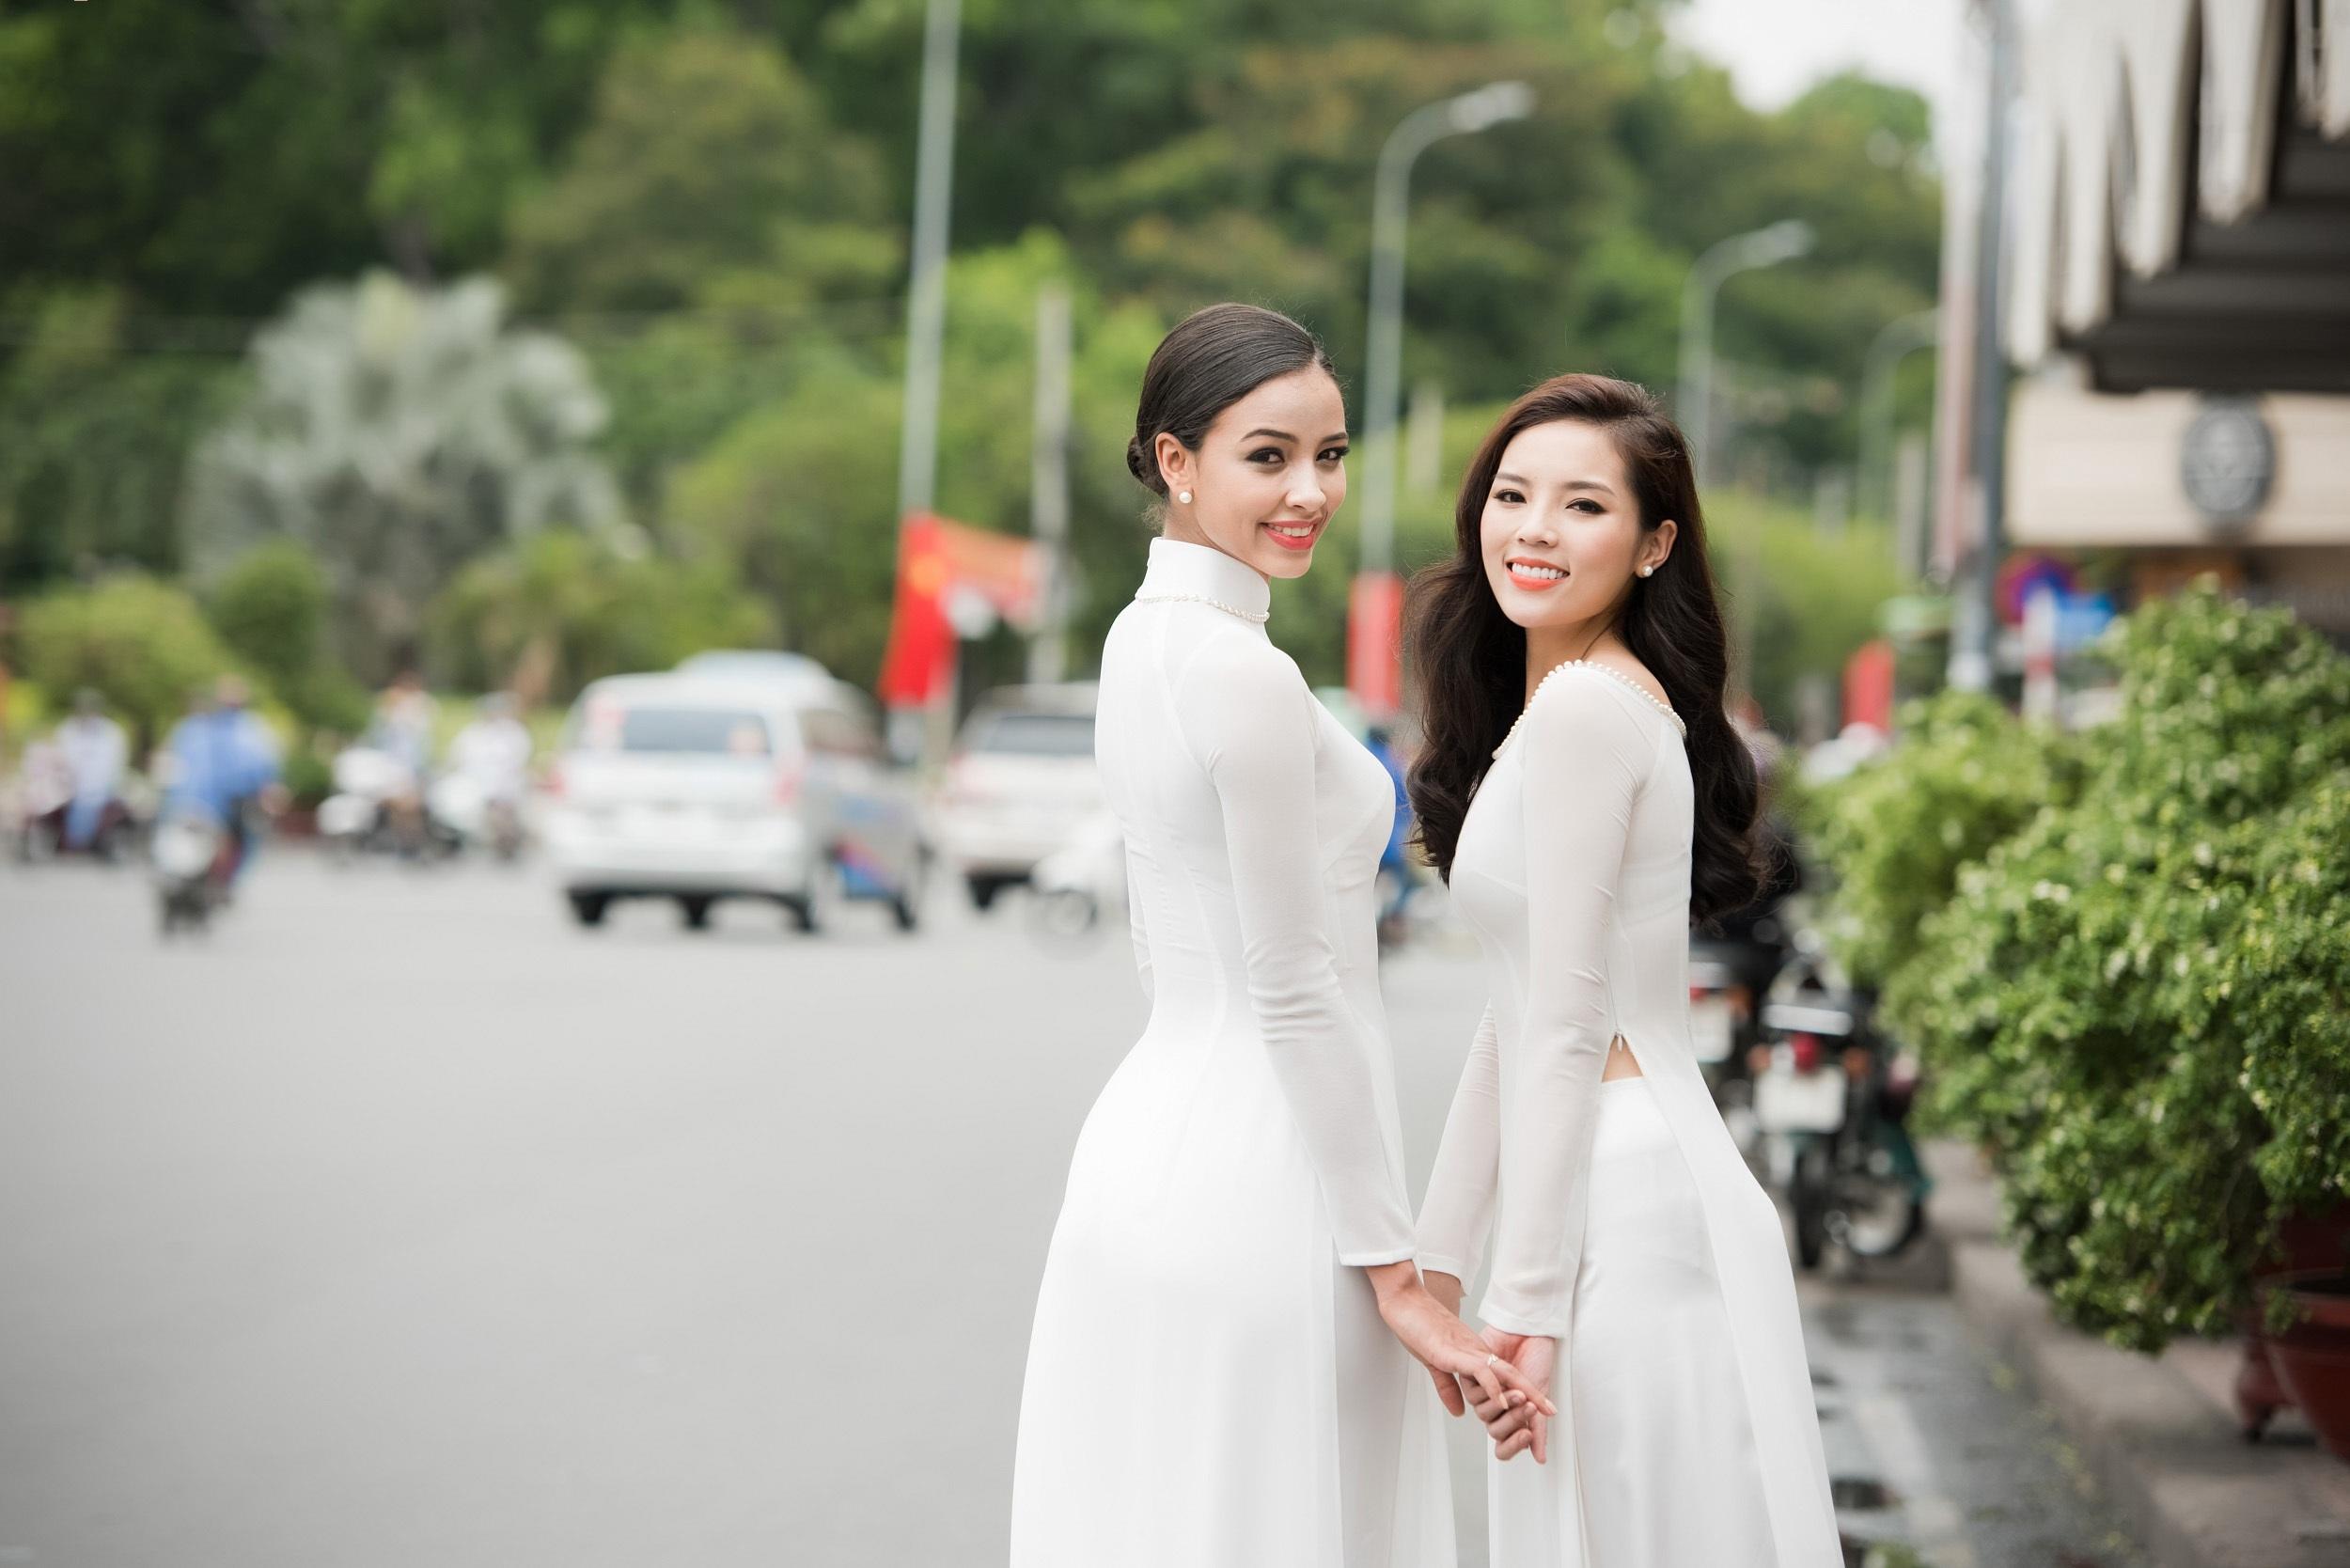 Hai người đẹp thân thiết khi thực hiện bộ ảnh kỷ niệm cùng Sài Gòn